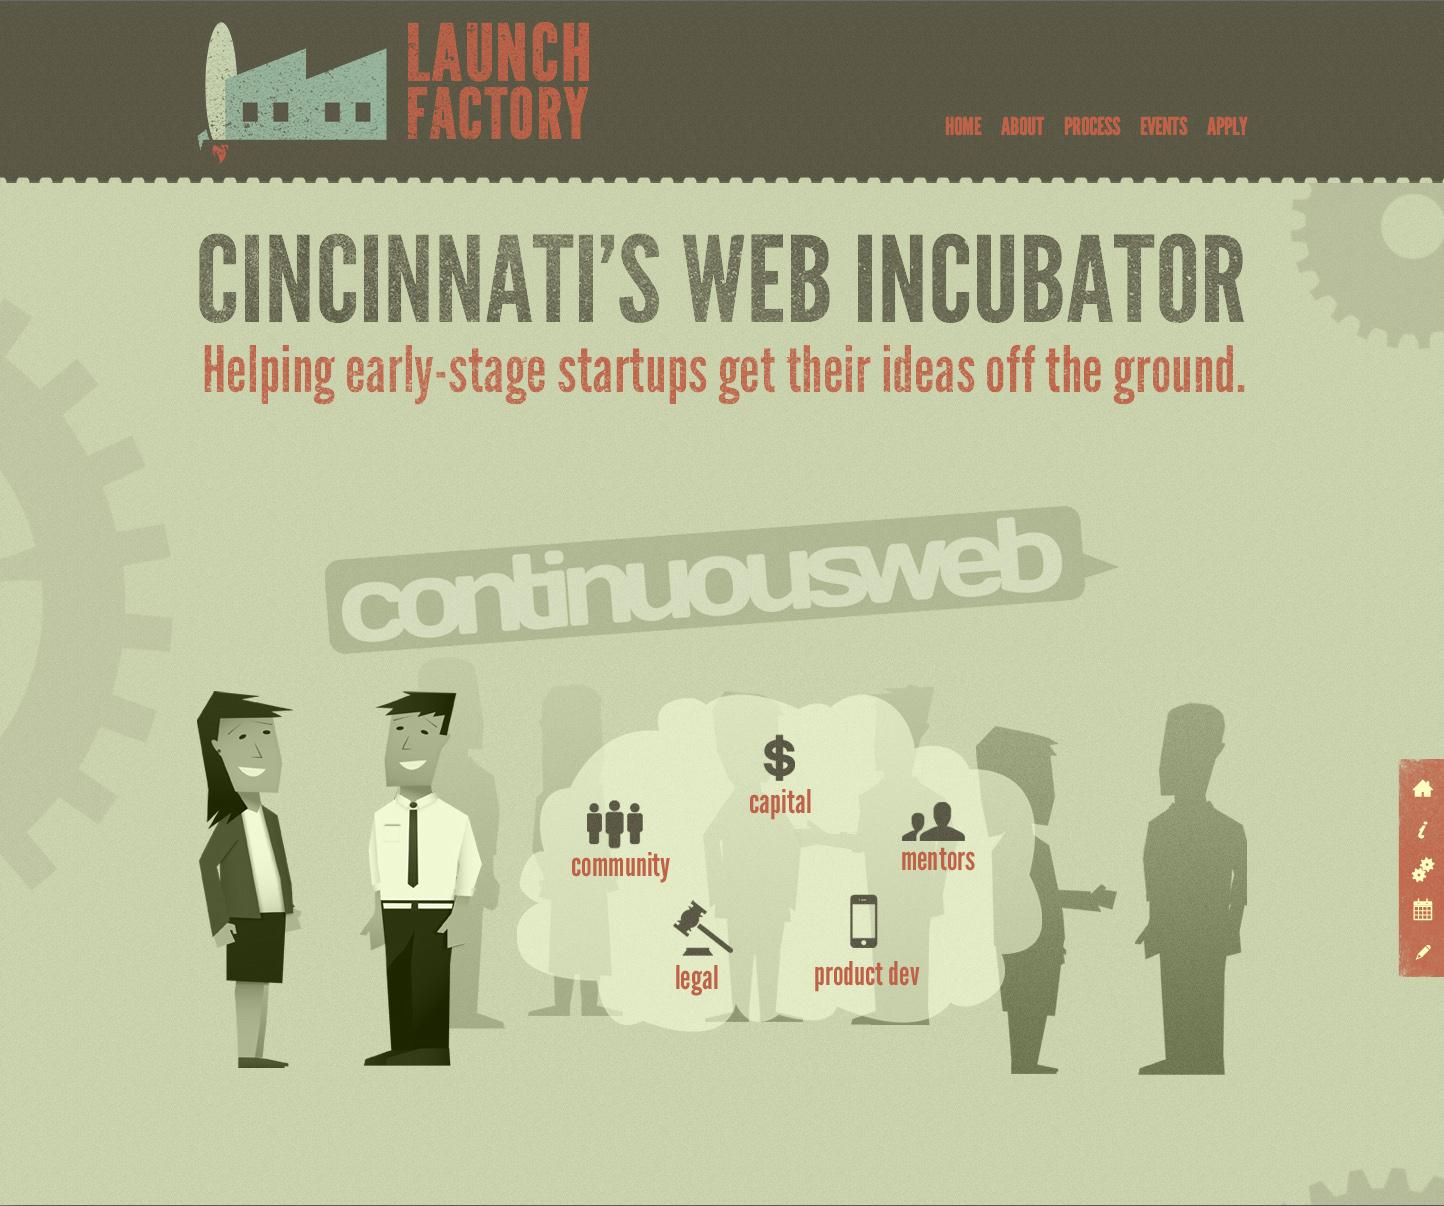 Launch Factory Website Screenshot